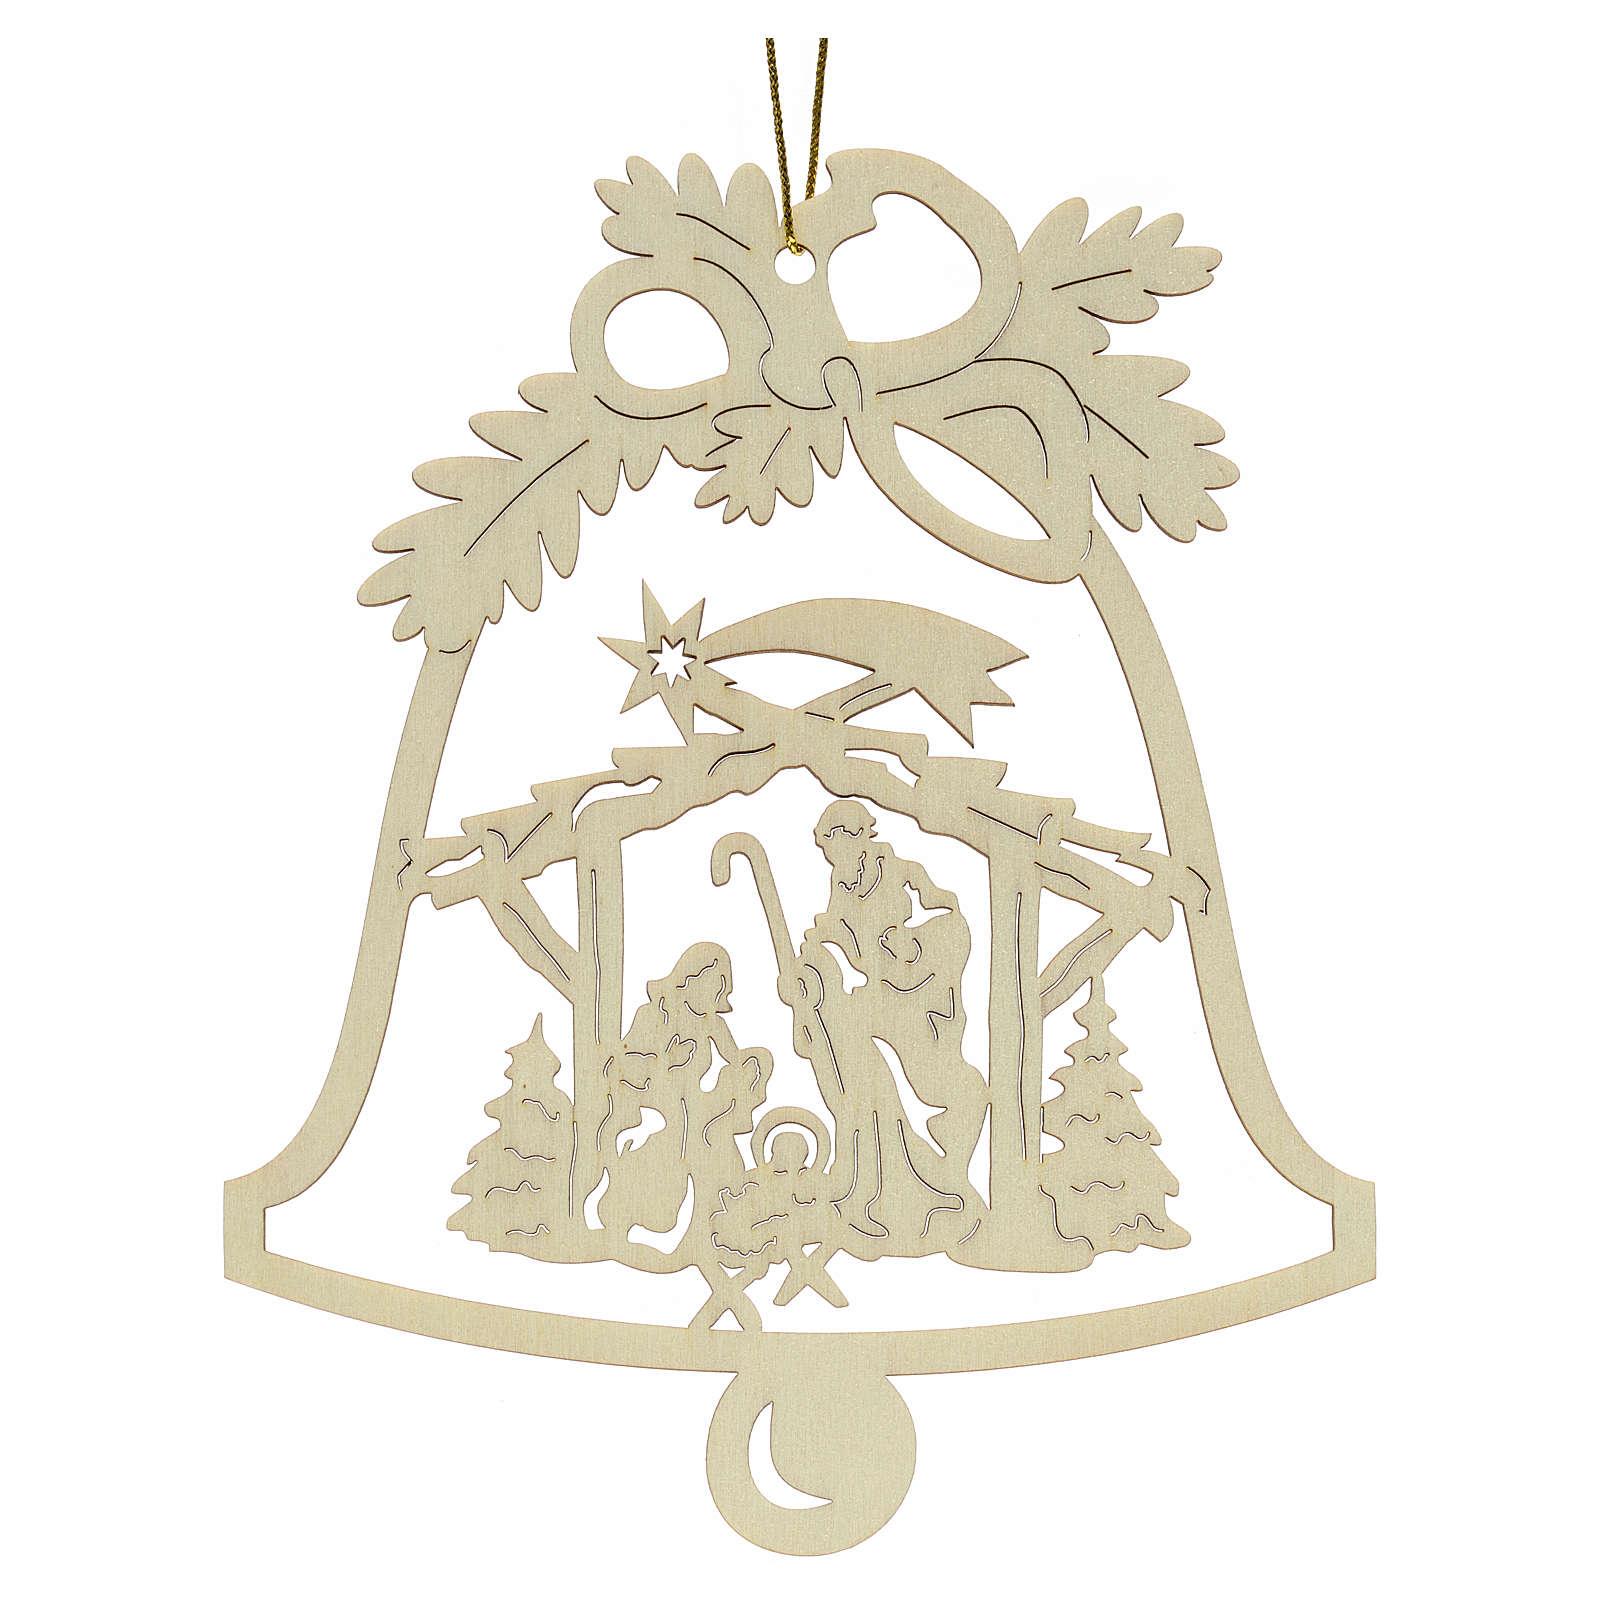 Weihnachtsschmuck Glocke mit Krippe aus Holz 4